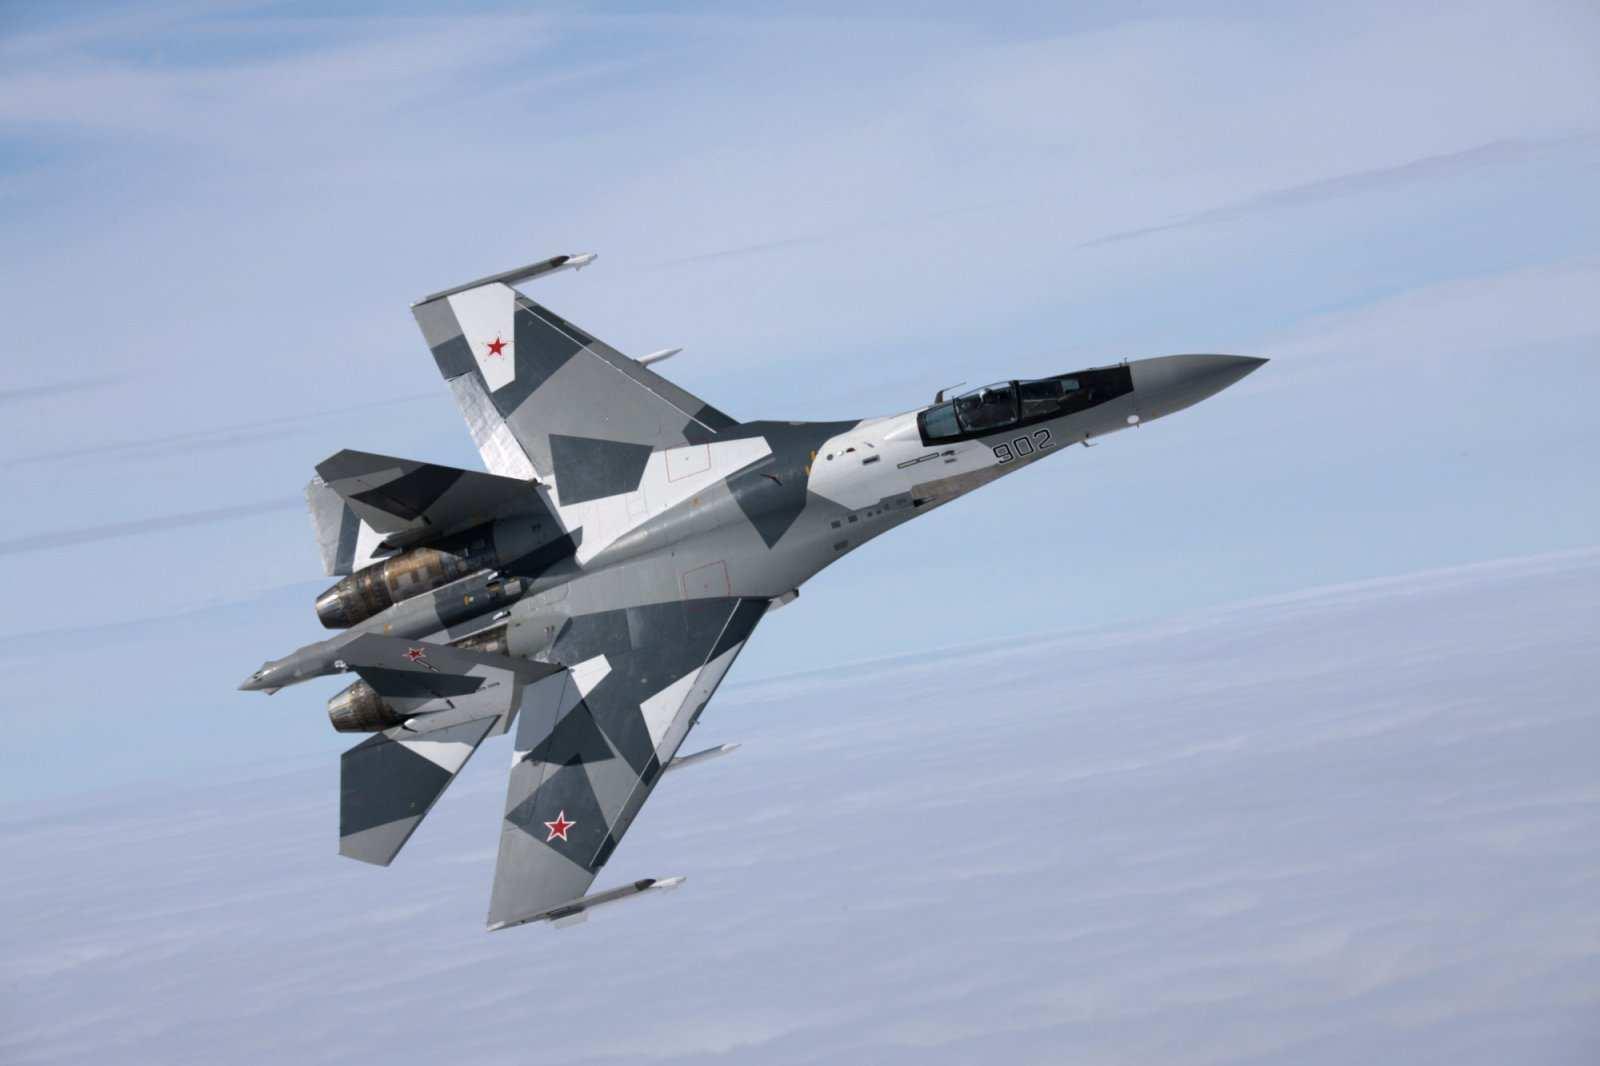 Российский Су-35 показал фигуры высшего пилотажа в небе над Стамбулом (ВИДЕО) | Русская весна